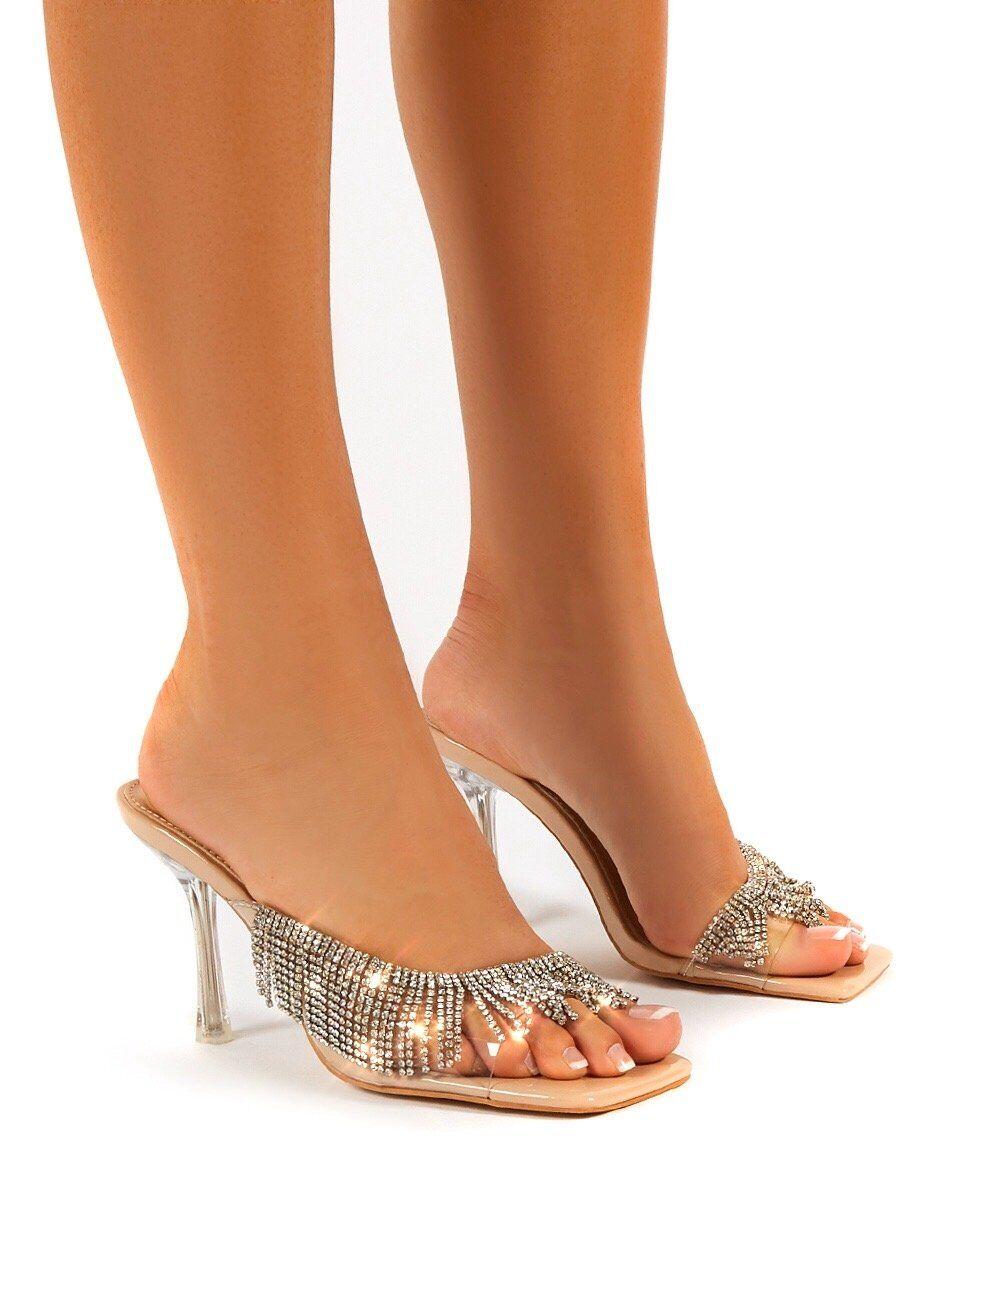 Public Desire US Shimmer Nude Diamante Tassel Square Toe Perspex Mules Sandals Heels - US 6